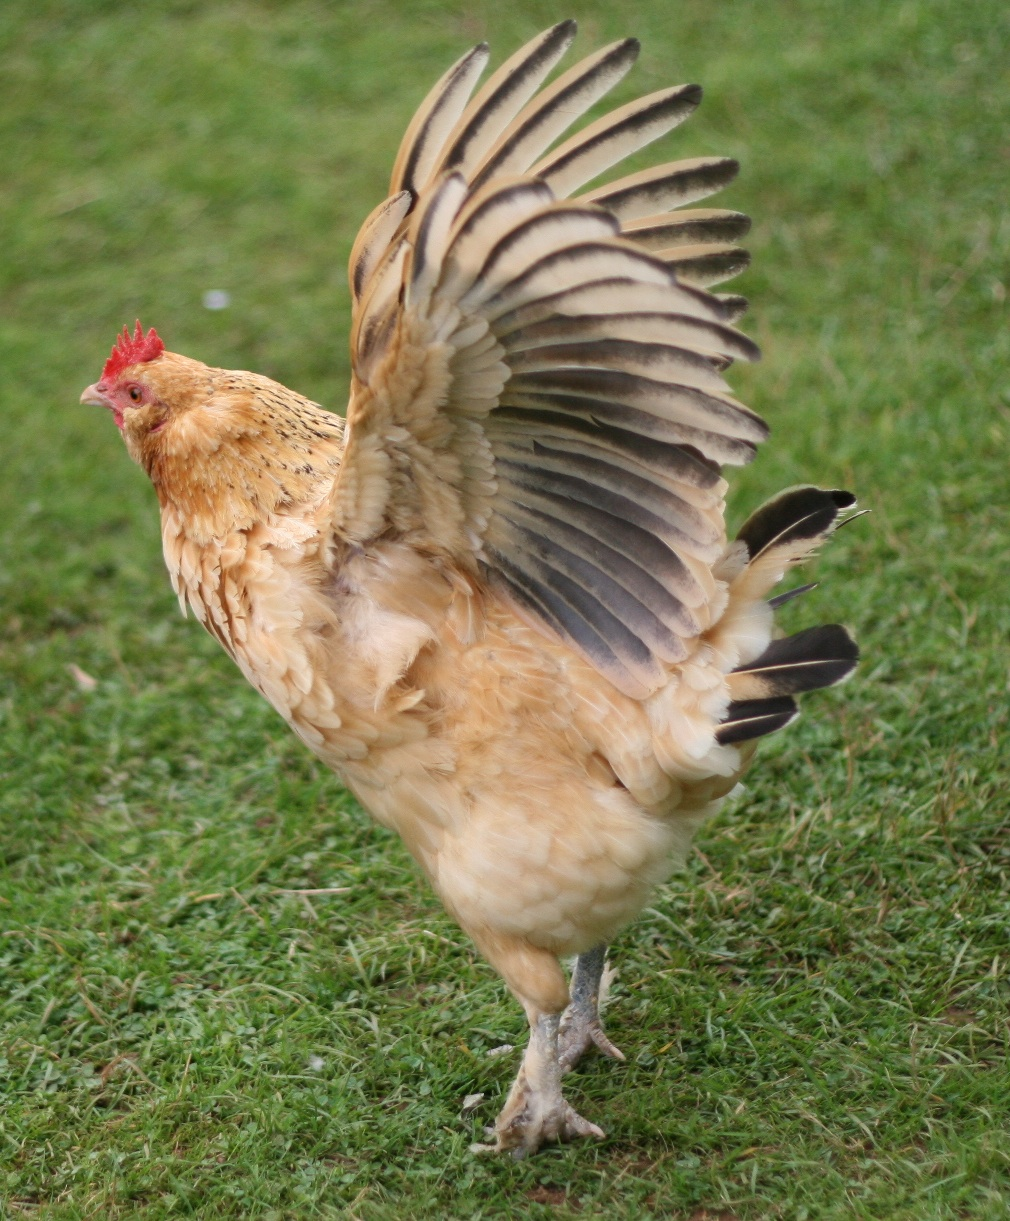 Chicken Of The Sea Frozen Foods New York